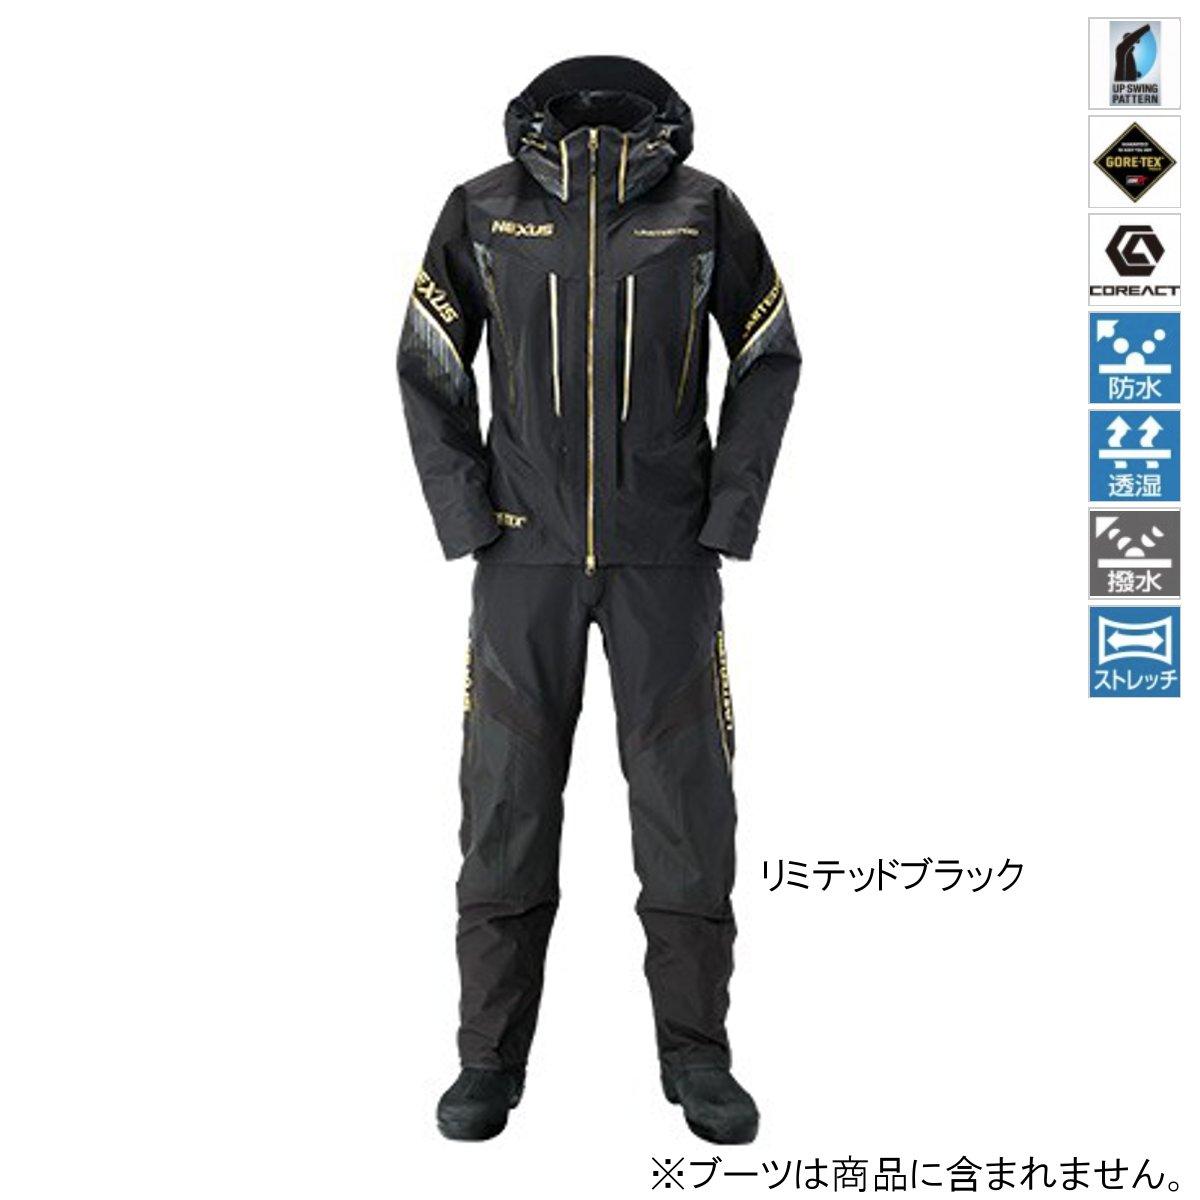 シマノ NEXUS・GORE-TEX レインスーツ LIMITED PRO RA-112S L リミテッドブラック